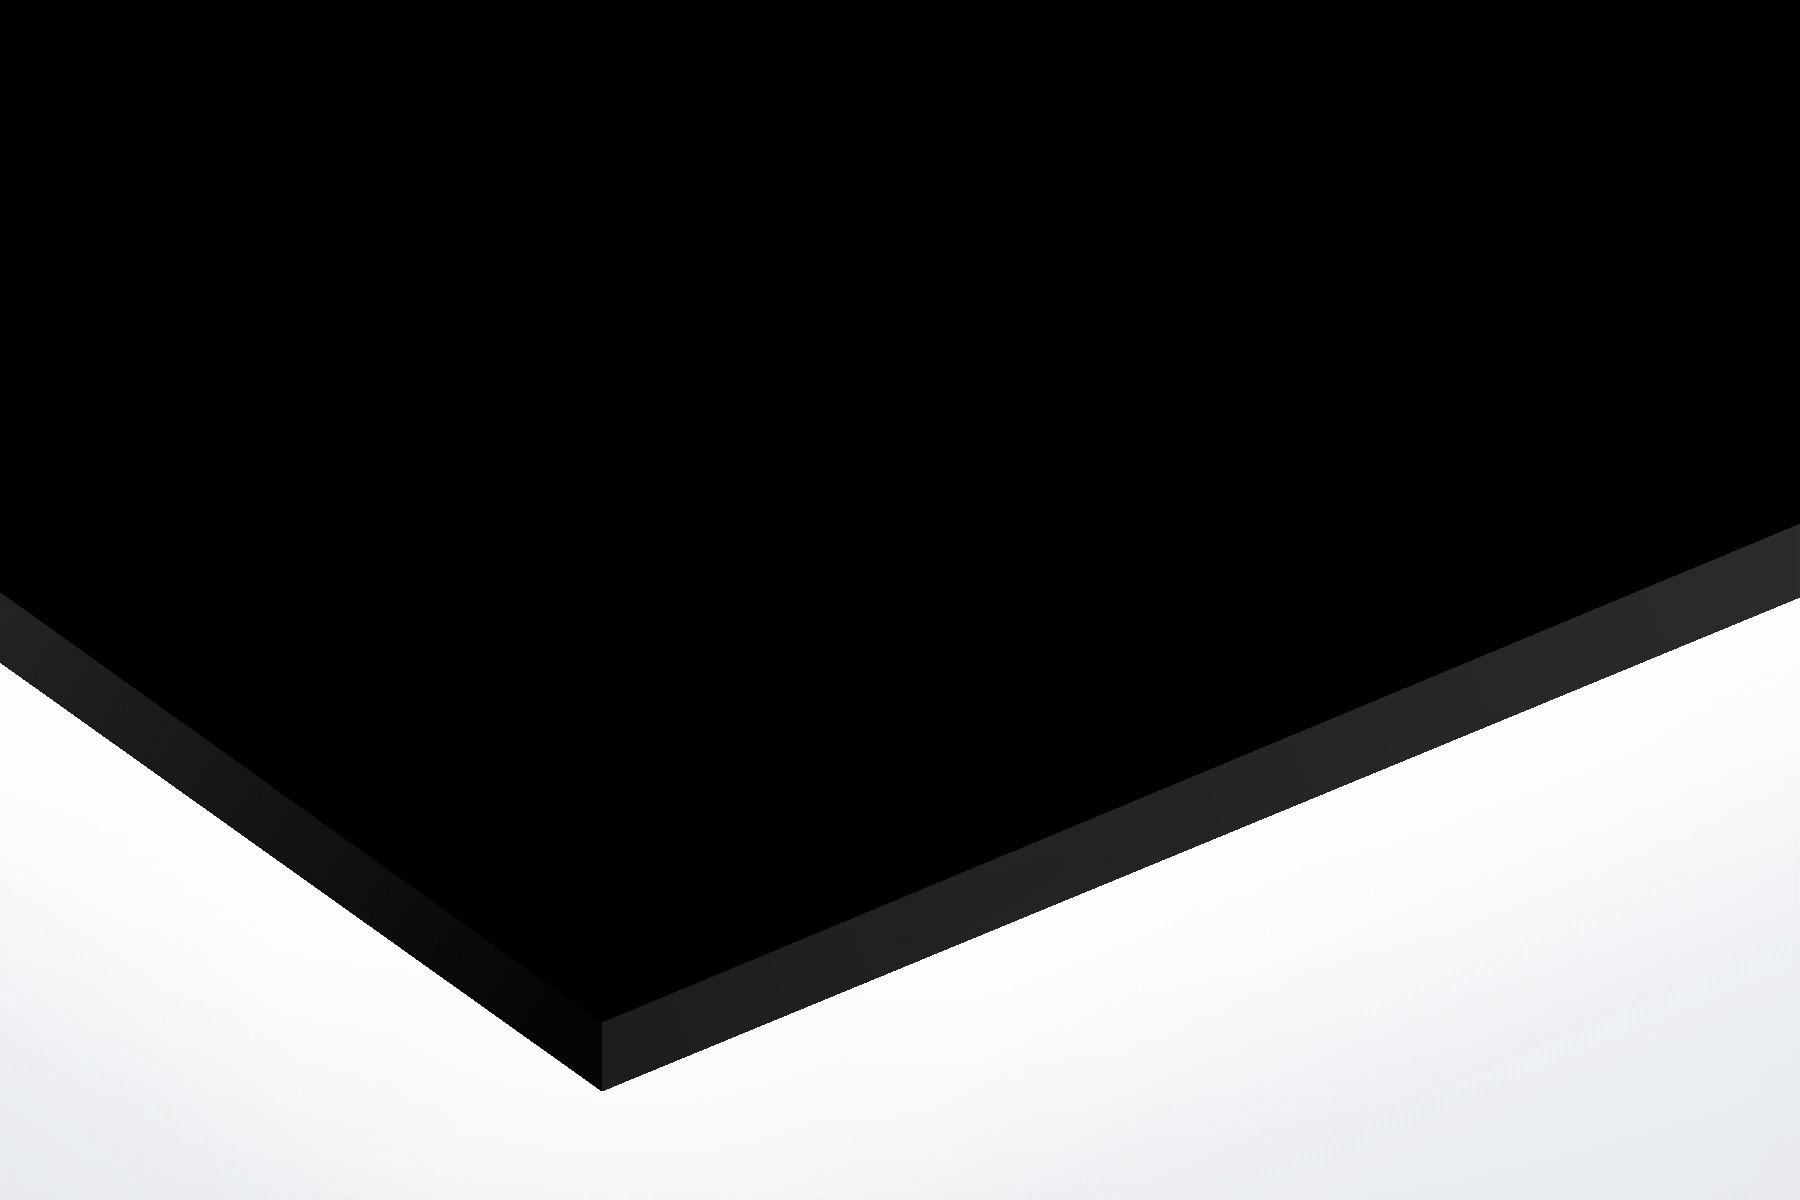 301/20/2097 Alu mat Noir 2mm